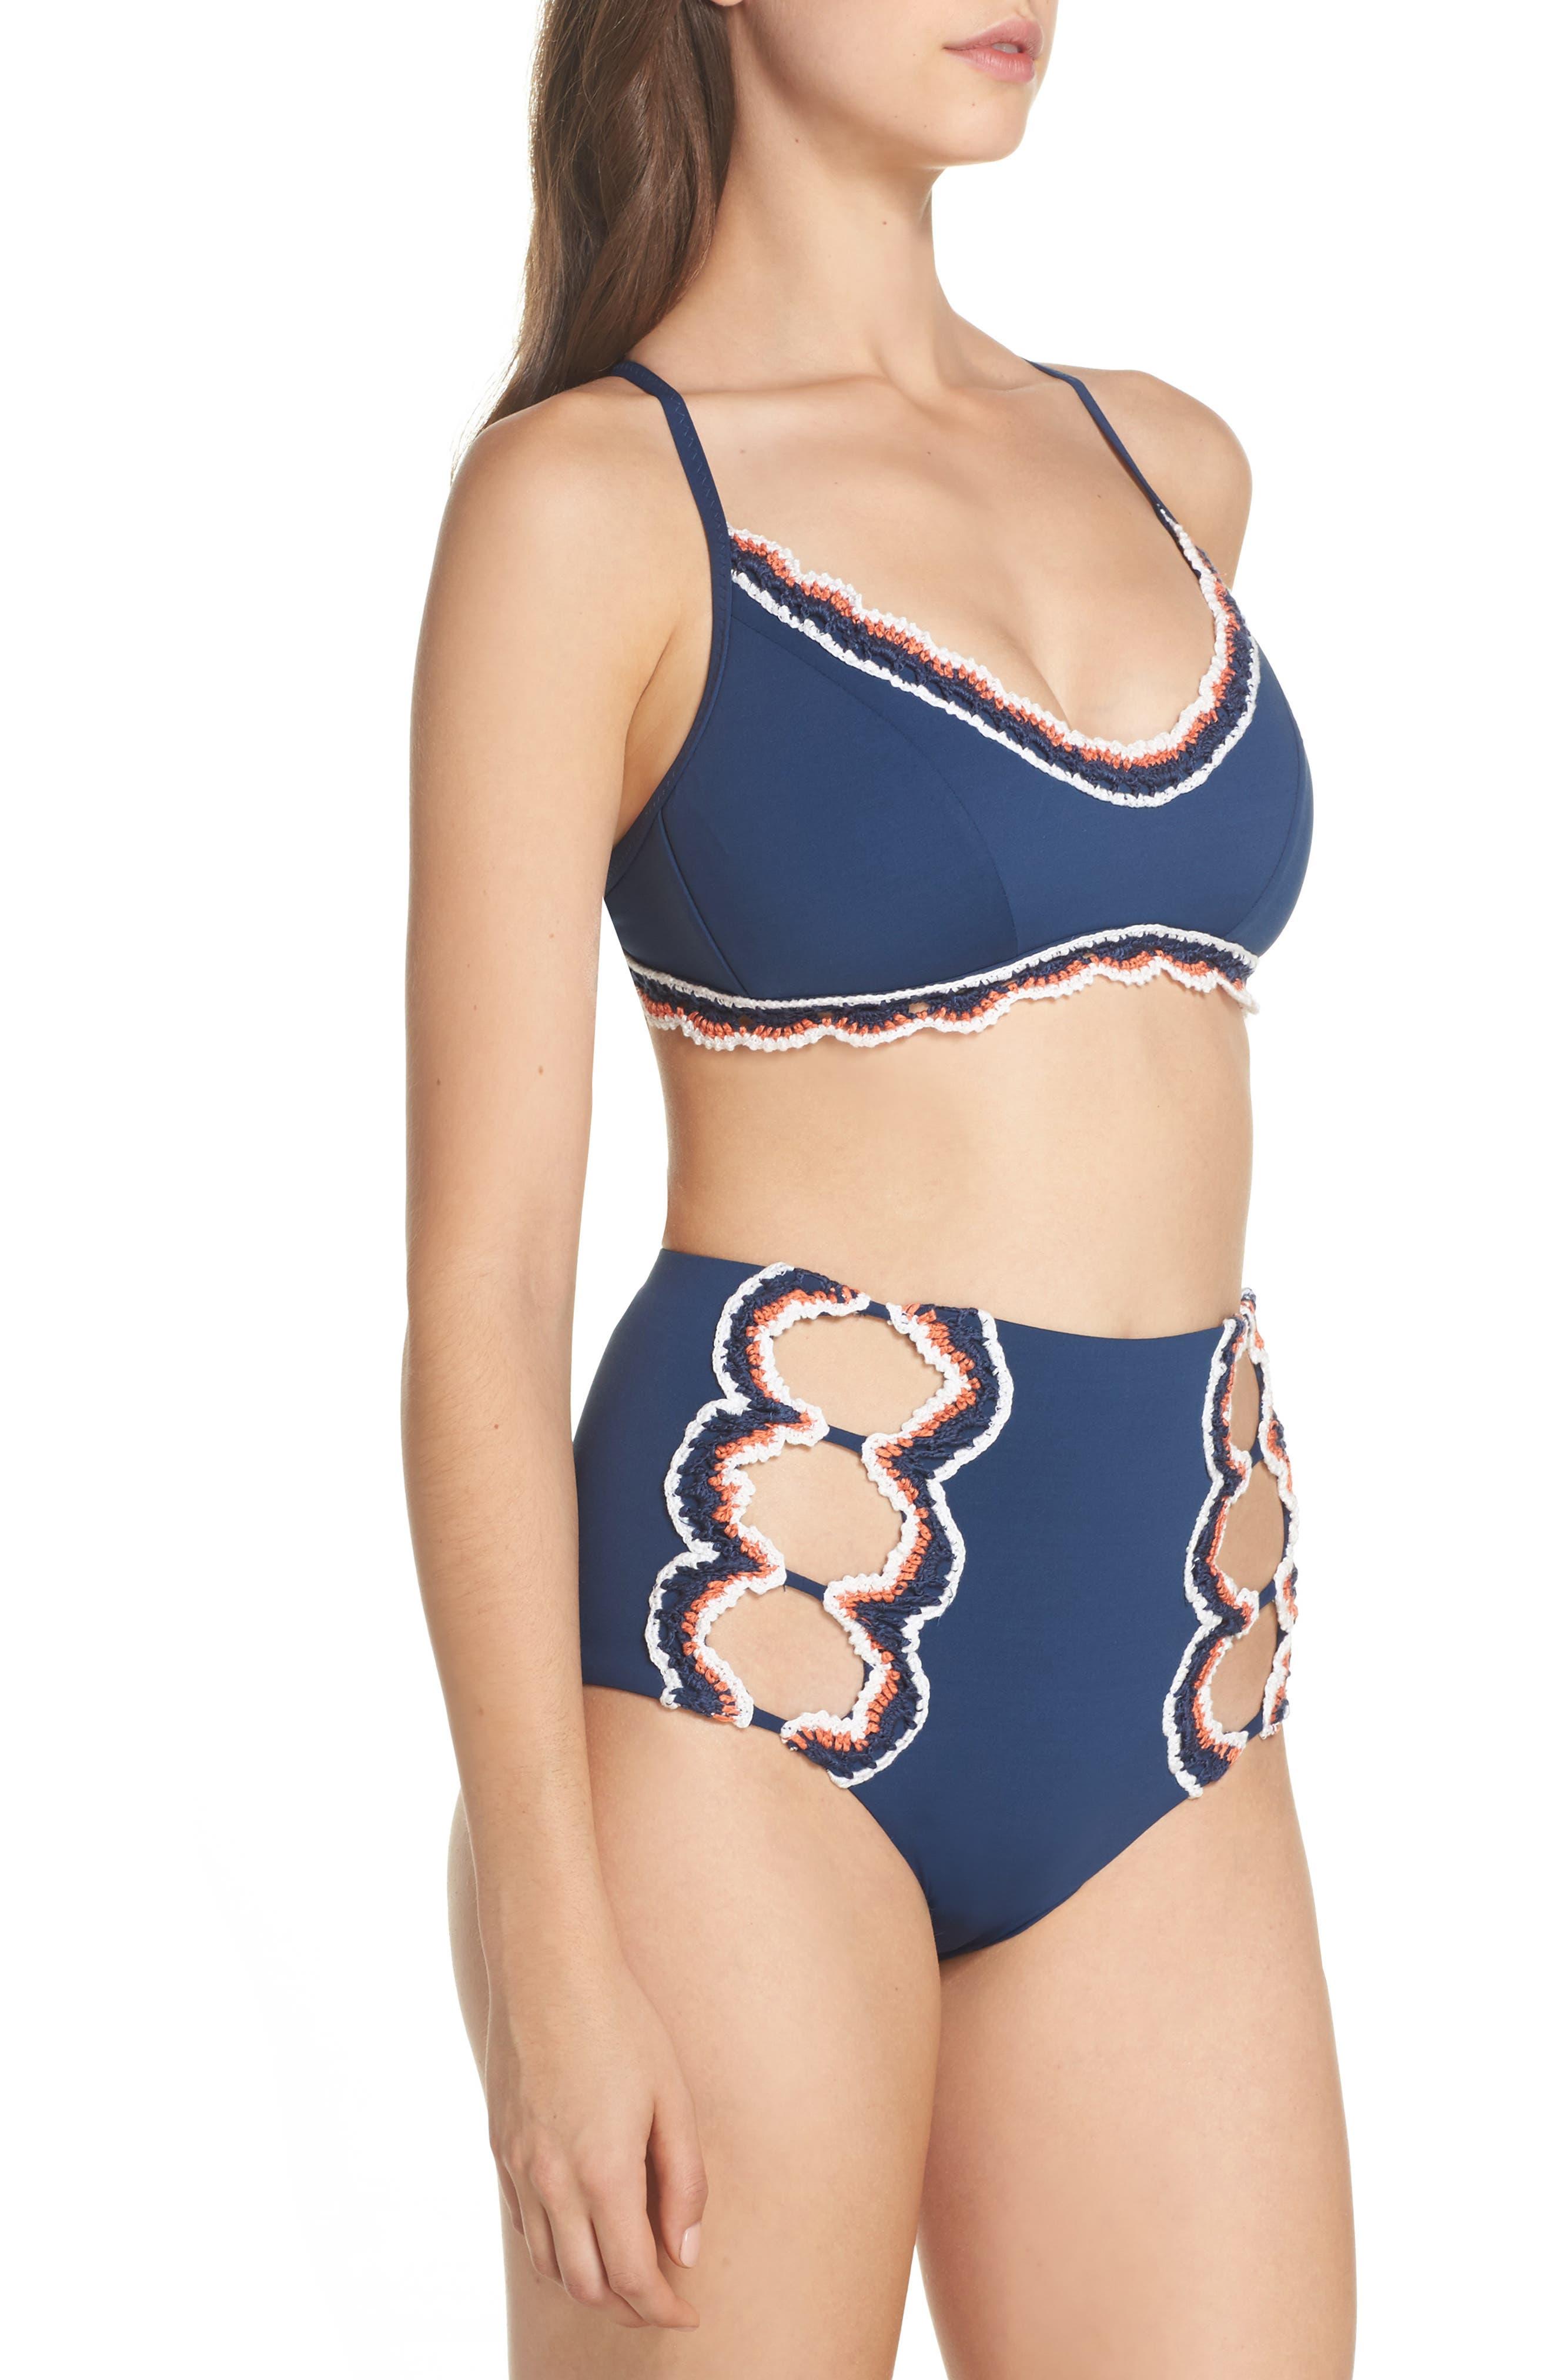 Medina Bikini Top,                             Alternate thumbnail 9, color,                             405